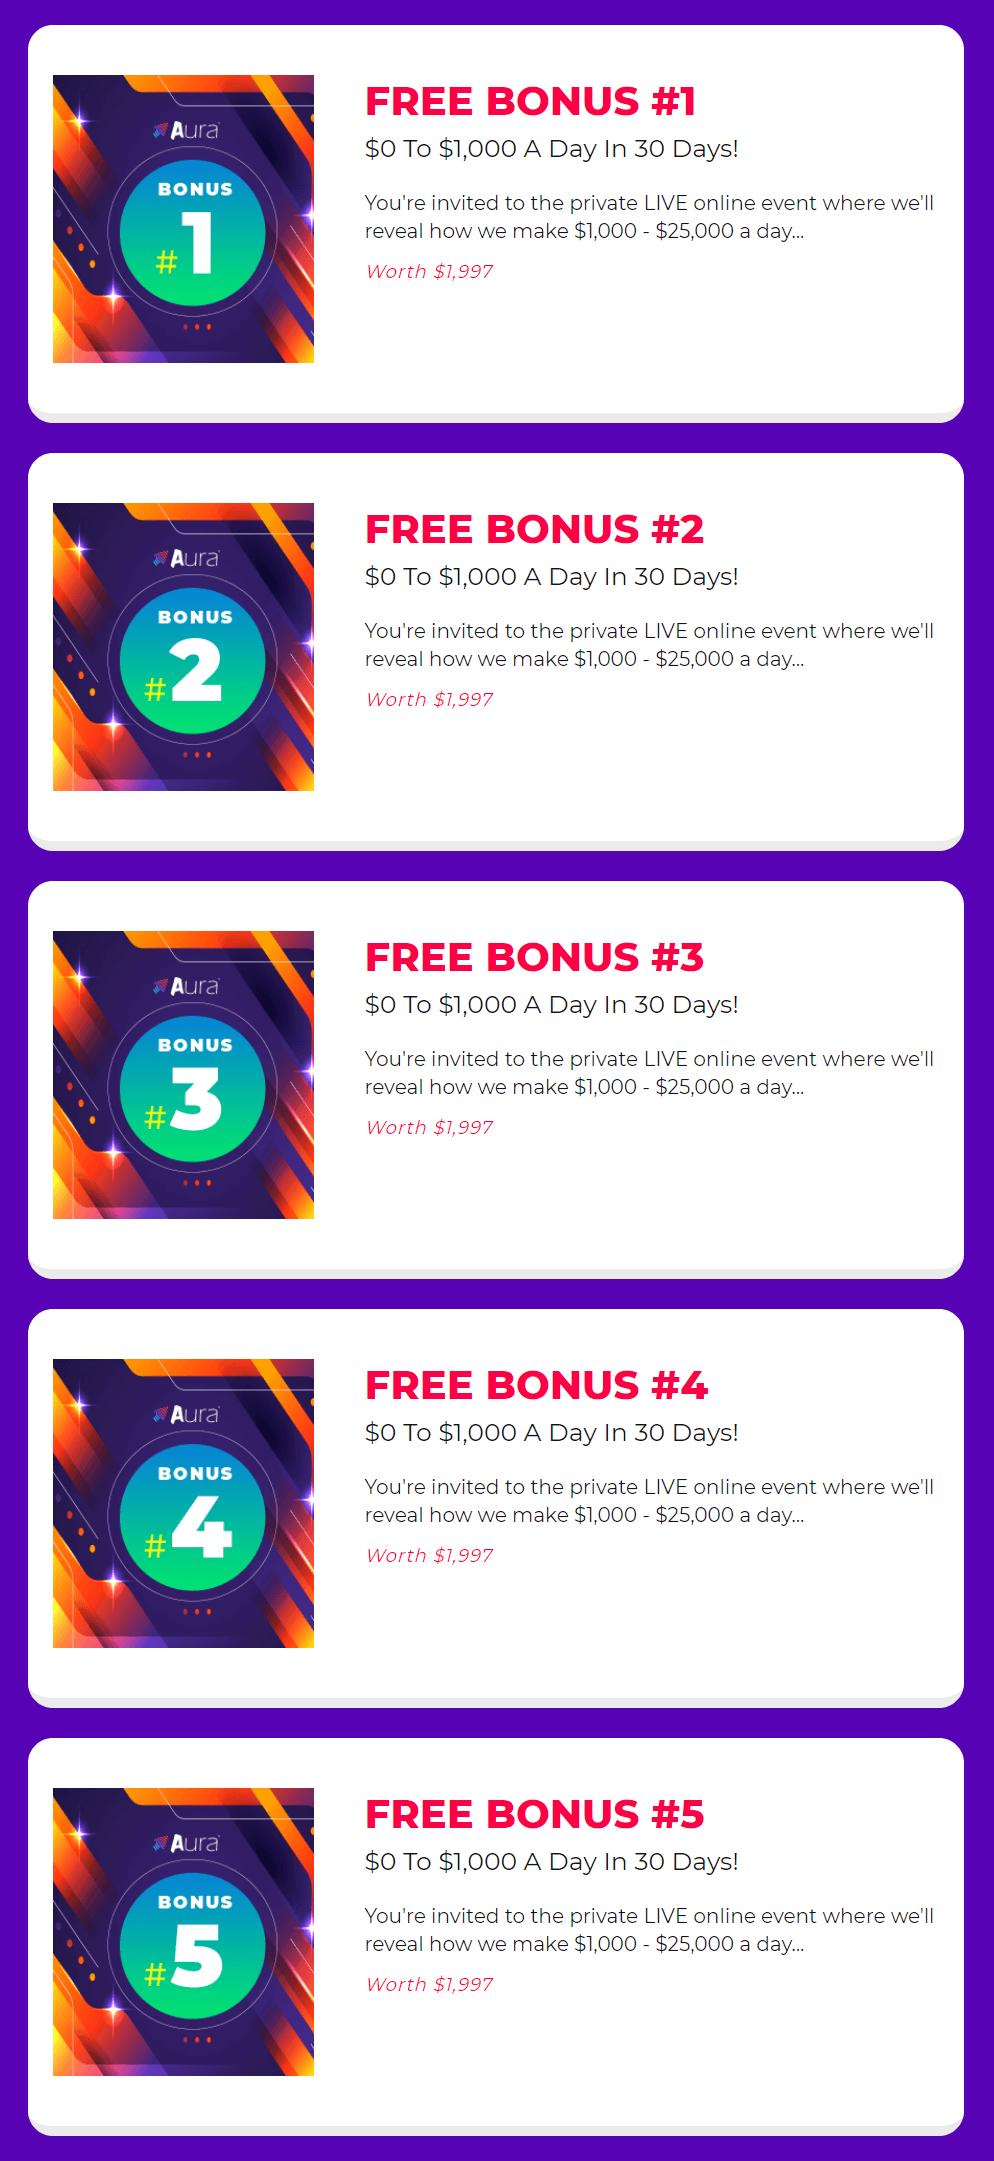 Aura-bonus